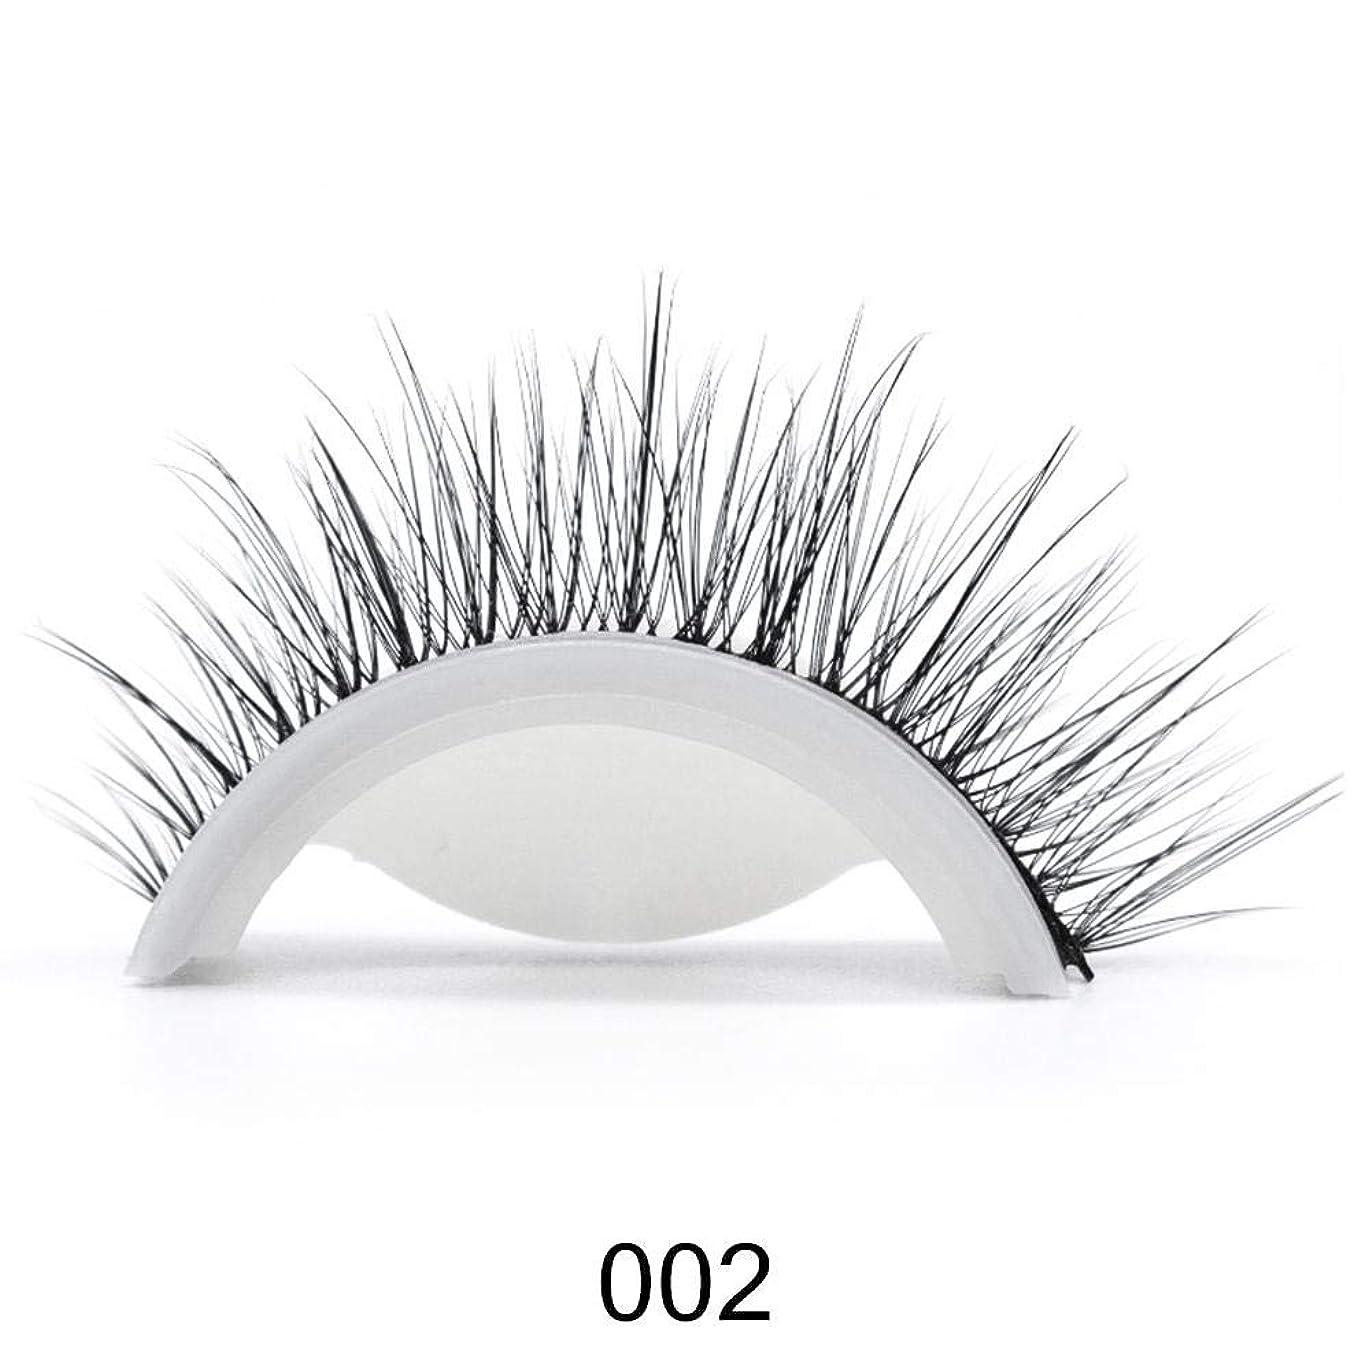 Viugreum つけまつげ つけまつ毛 上まつげ 自 3D 極薄 濃密 超軽量 軽量 つけまつ 接着剤ない 手作り ふんわり 大人気 新作